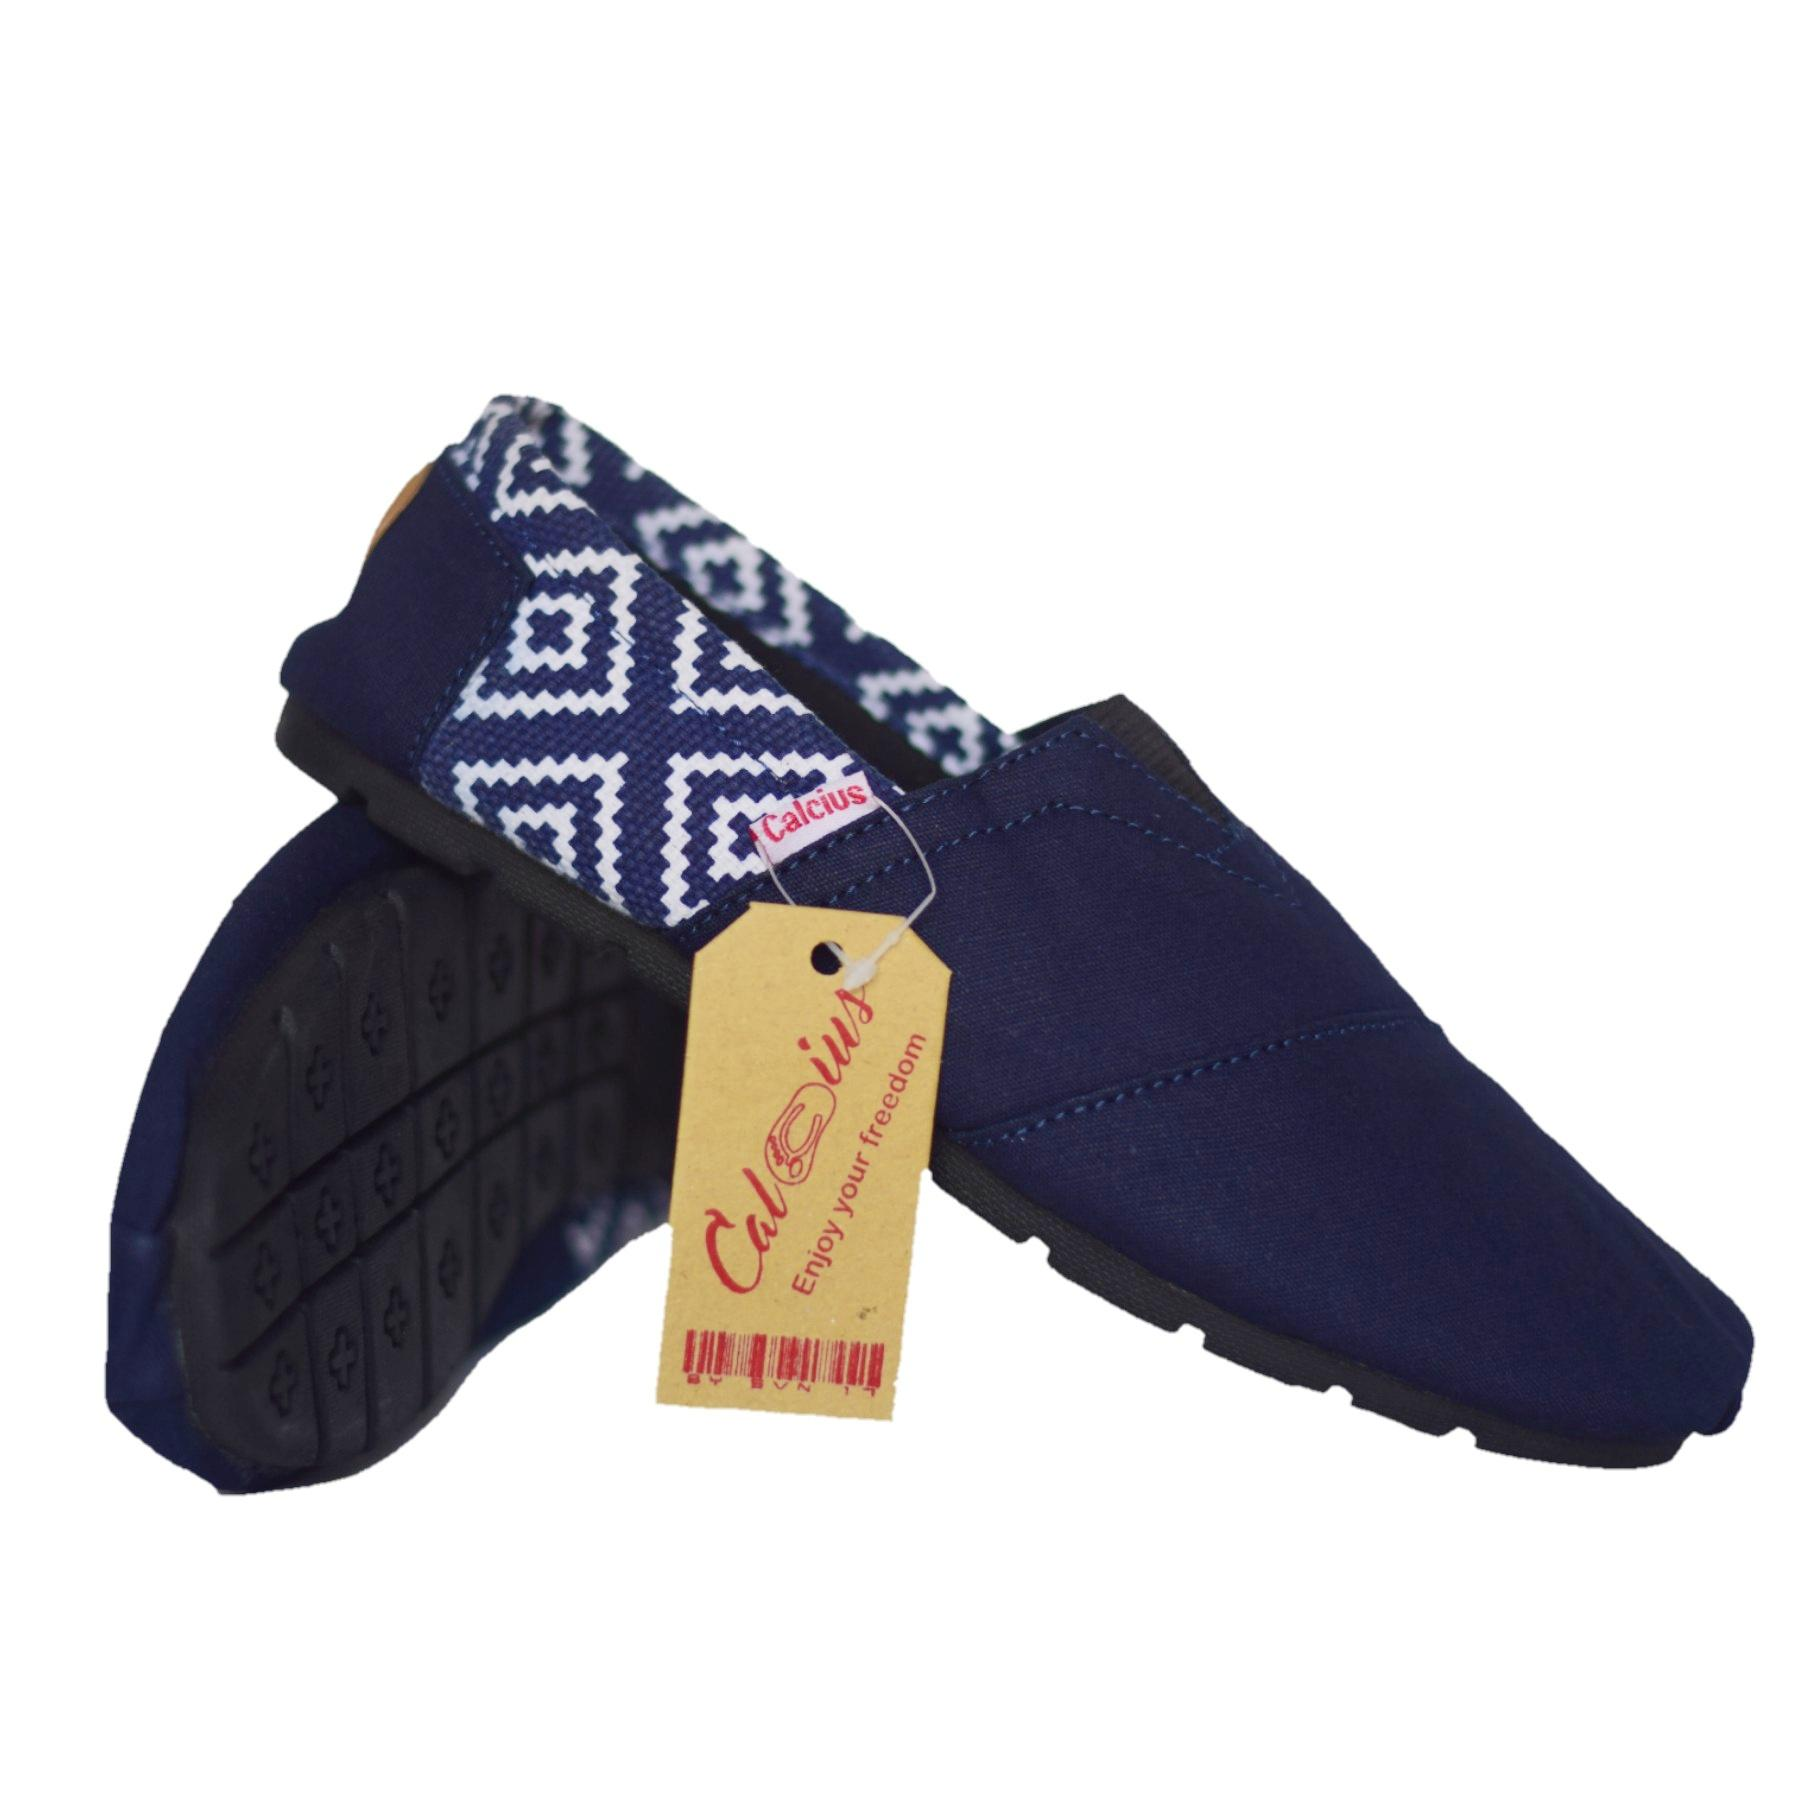 Calcius Slipon (KODE K 03) Sepatu Slipon   Loafer - Sepatu Kasual Pria  Wanita 2c1aff7282